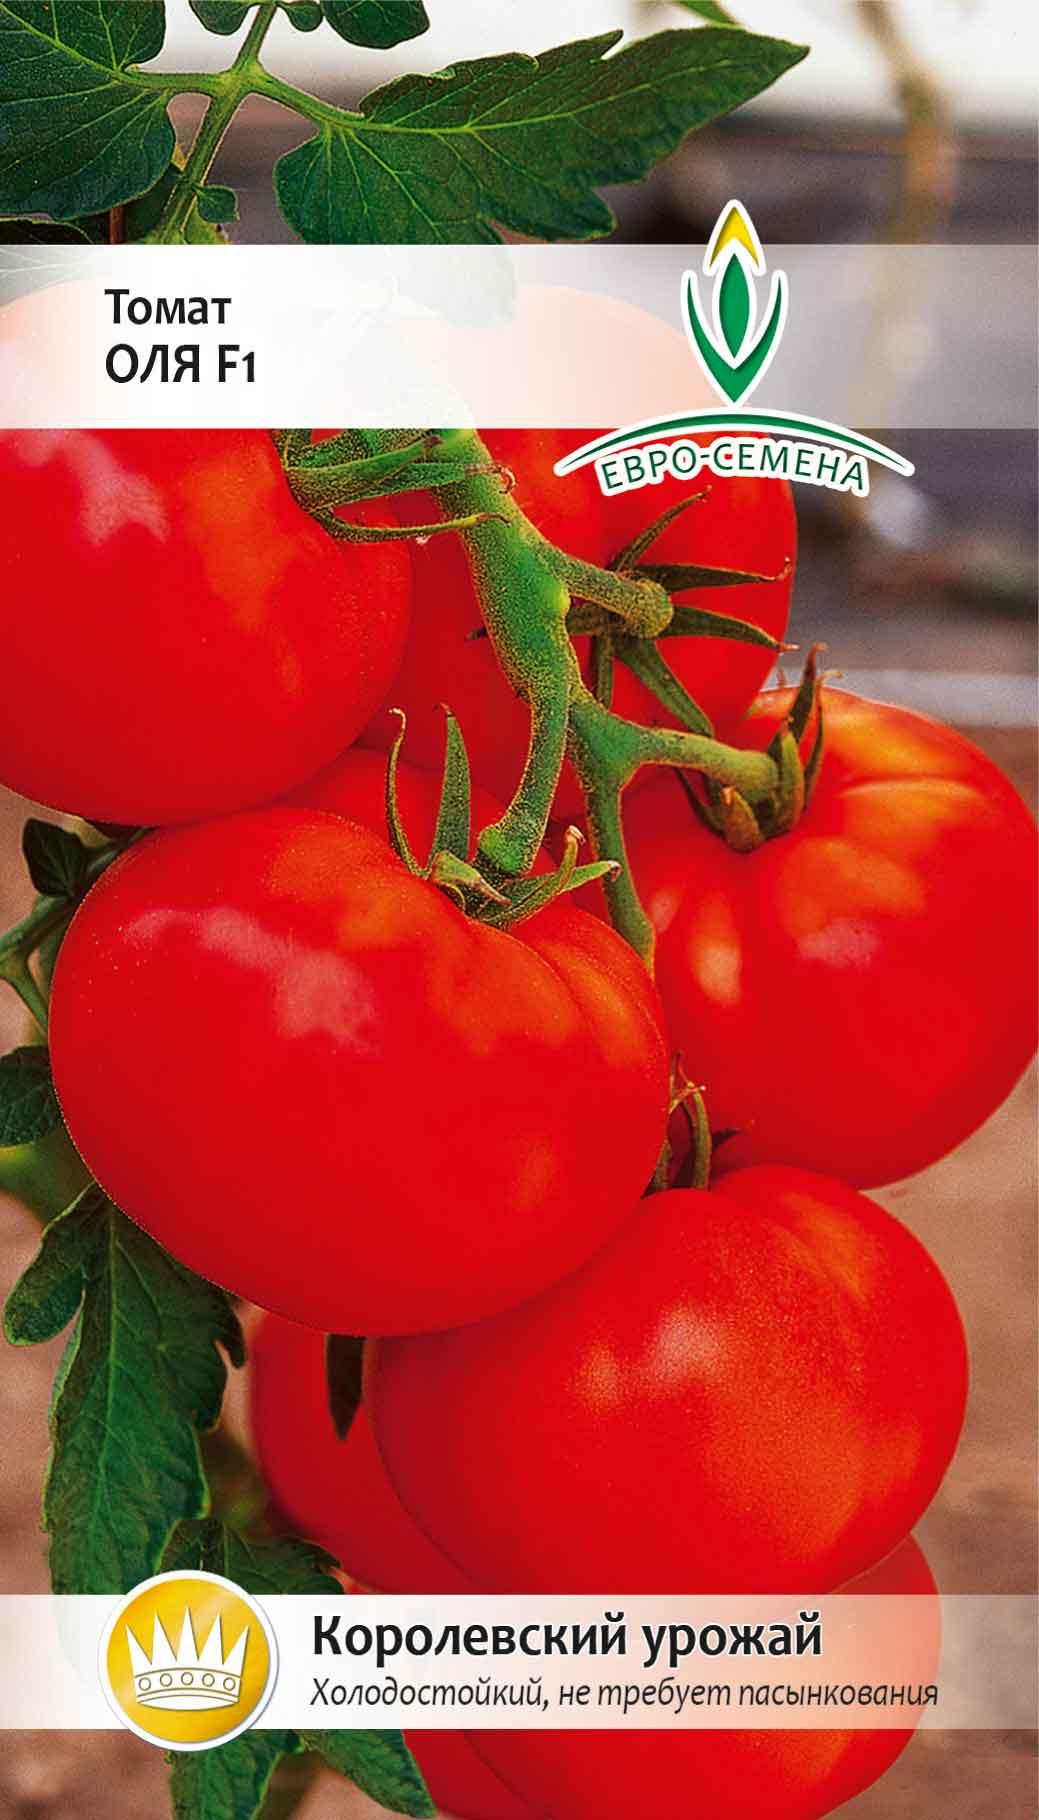 саженцев груши томат оля отзывы и фото михайлова живут